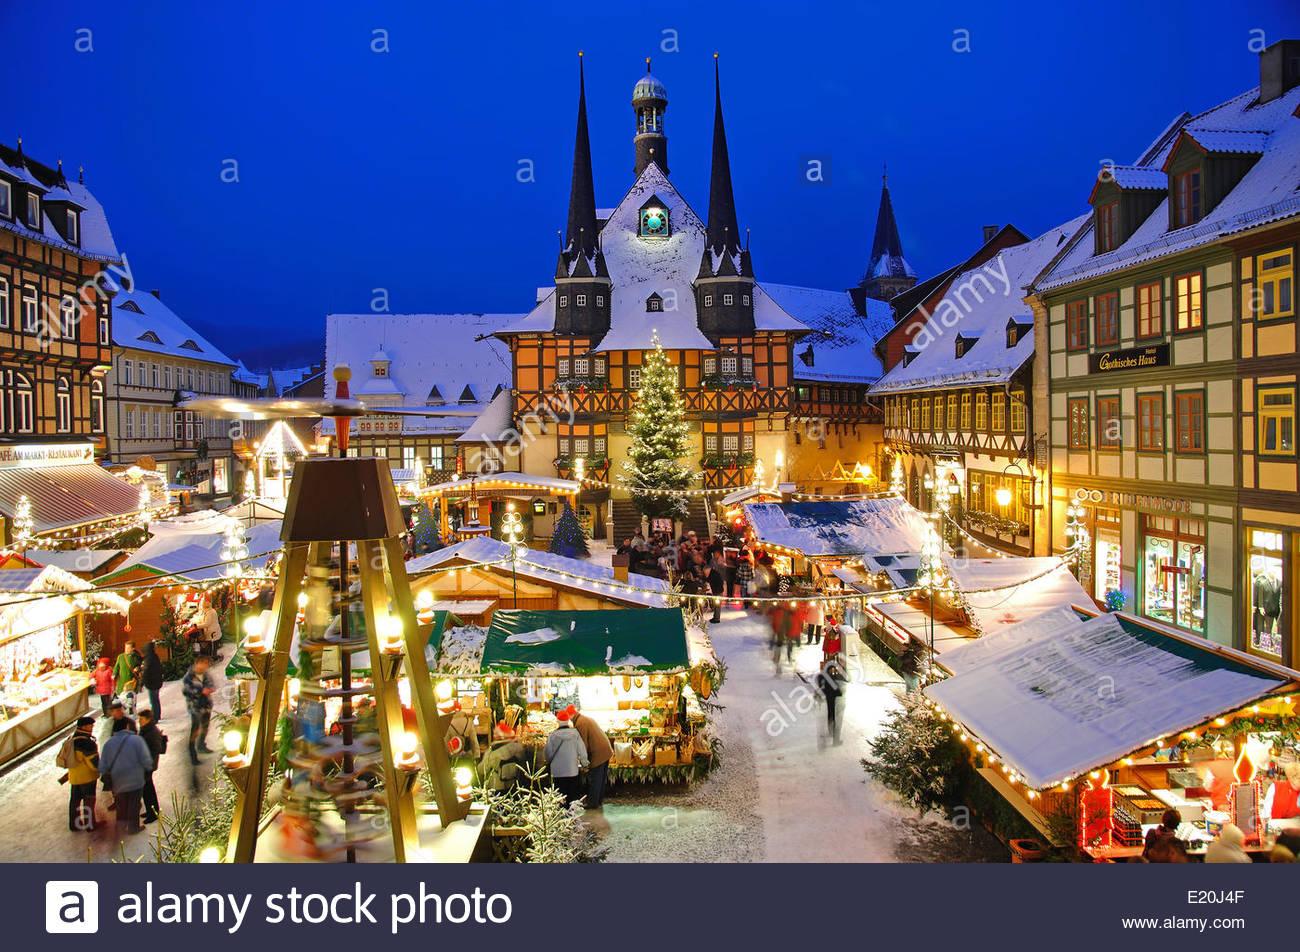 Wernigerode Weihnachtsmarkt.Christmas Market In Wernigerode Stock Photo 70085023 Alamy